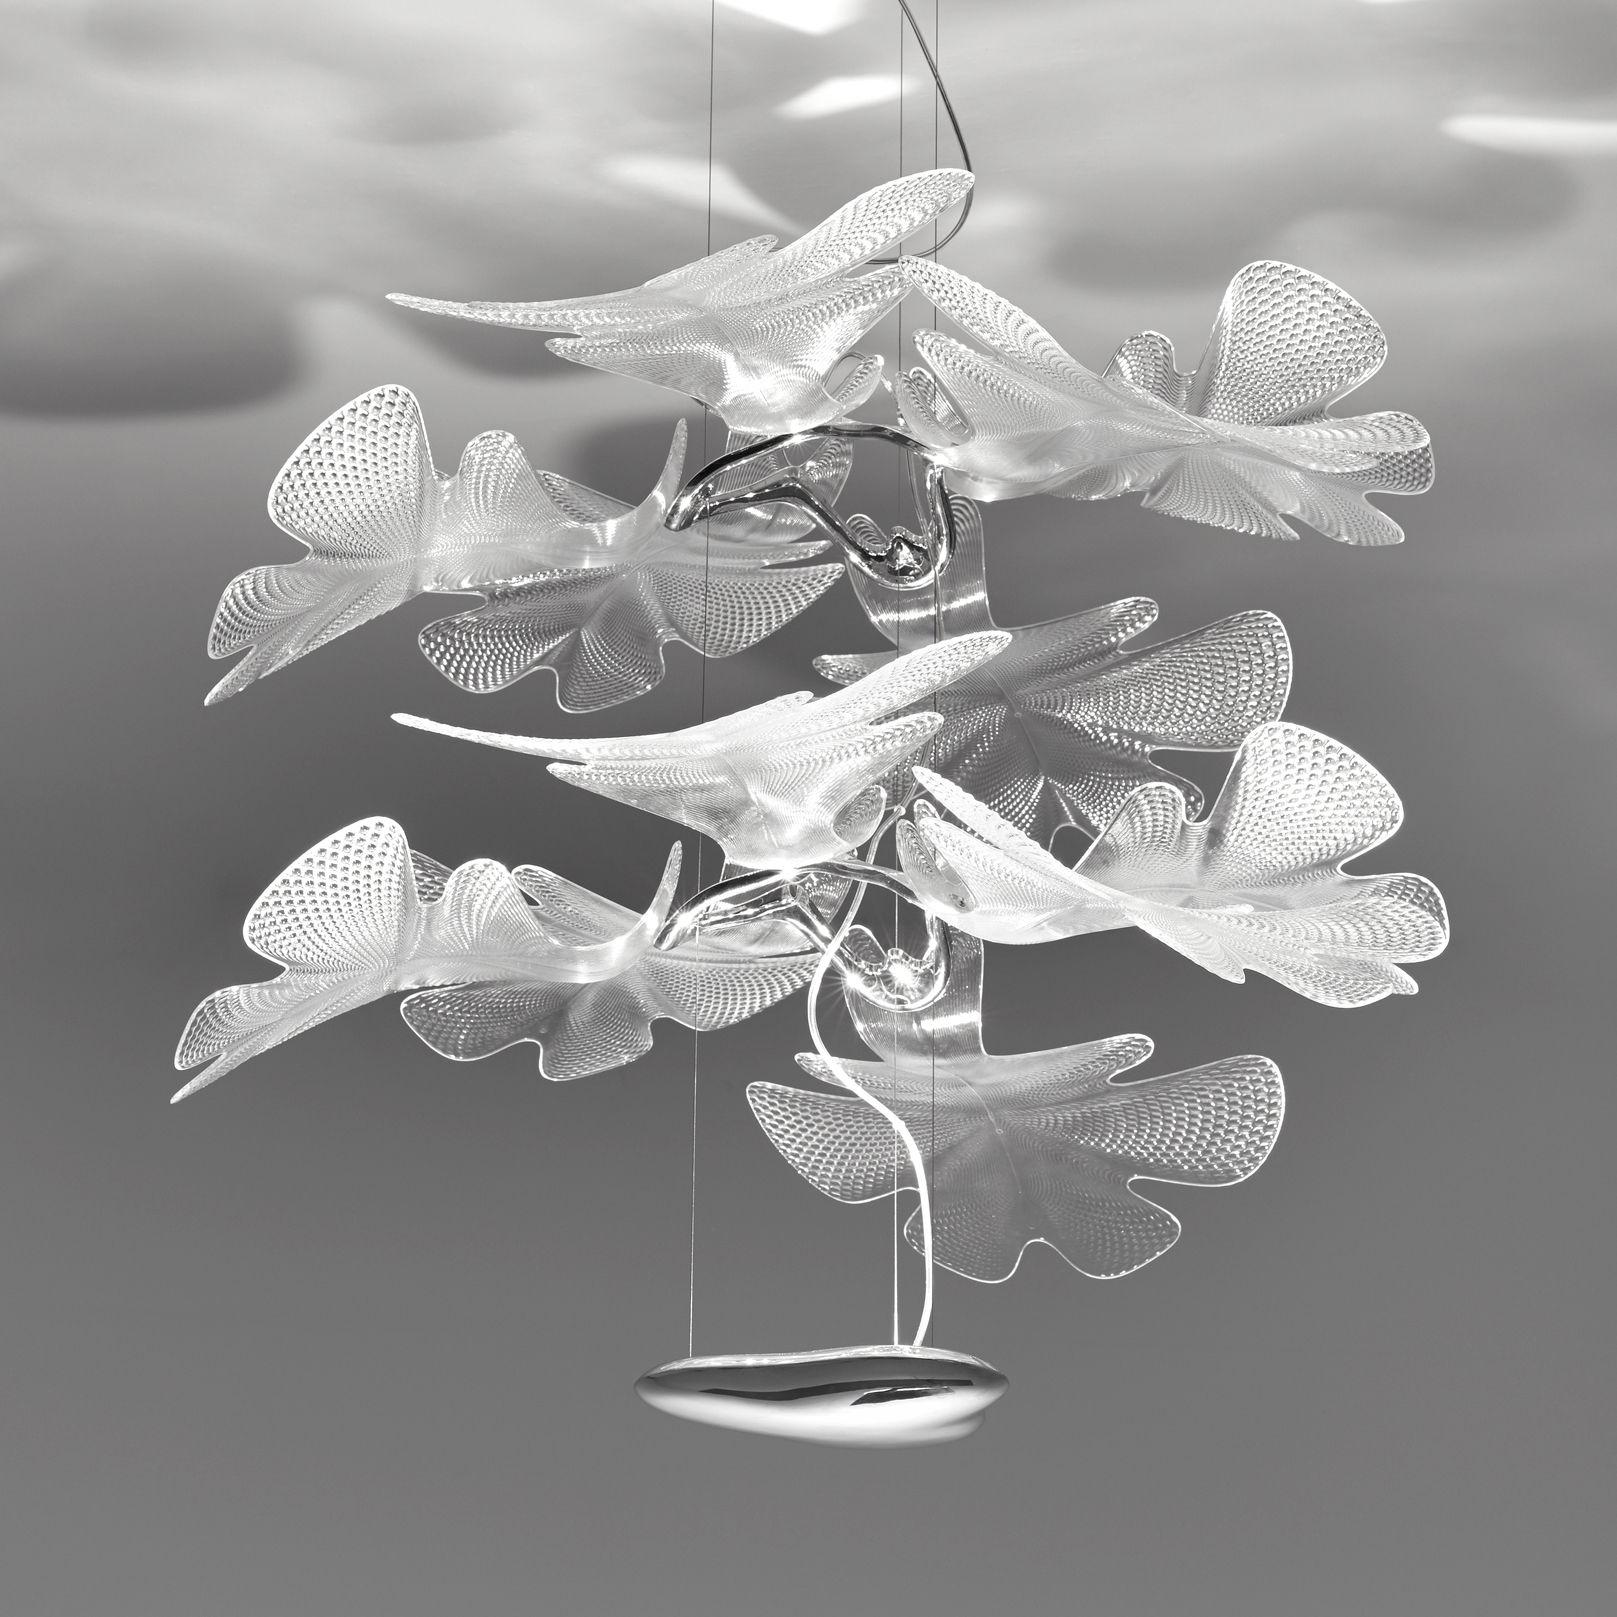 Luminaire - Suspensions - Suspension Chlorophilia Double / LED - Ø 78 cm - Artemide - Transparent - Aluminium, PMMA